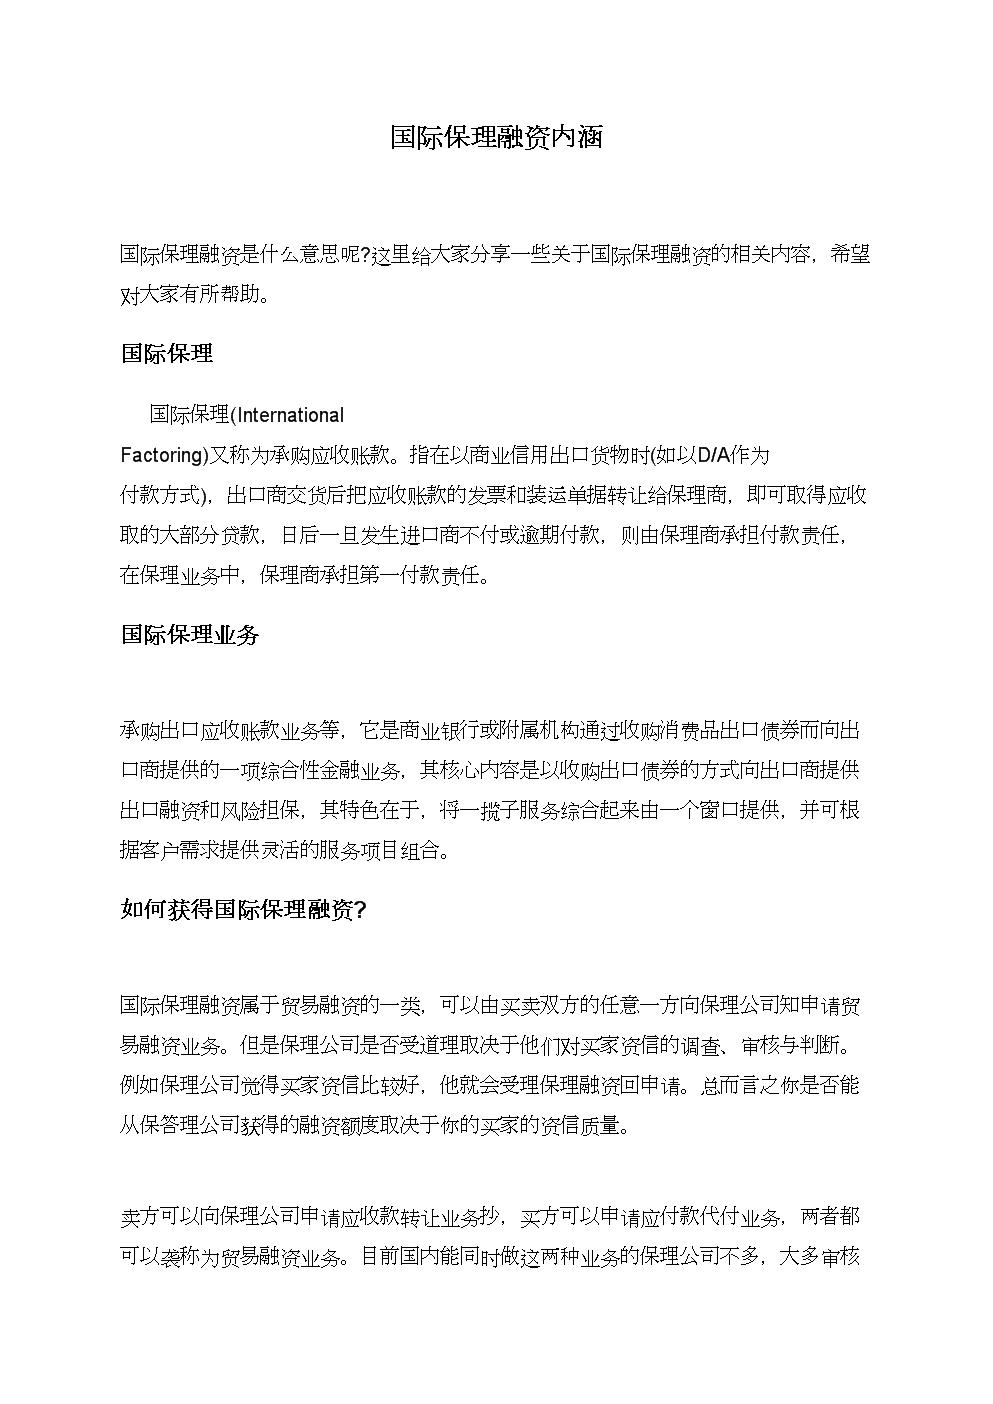 国际保理融资内涵.doc